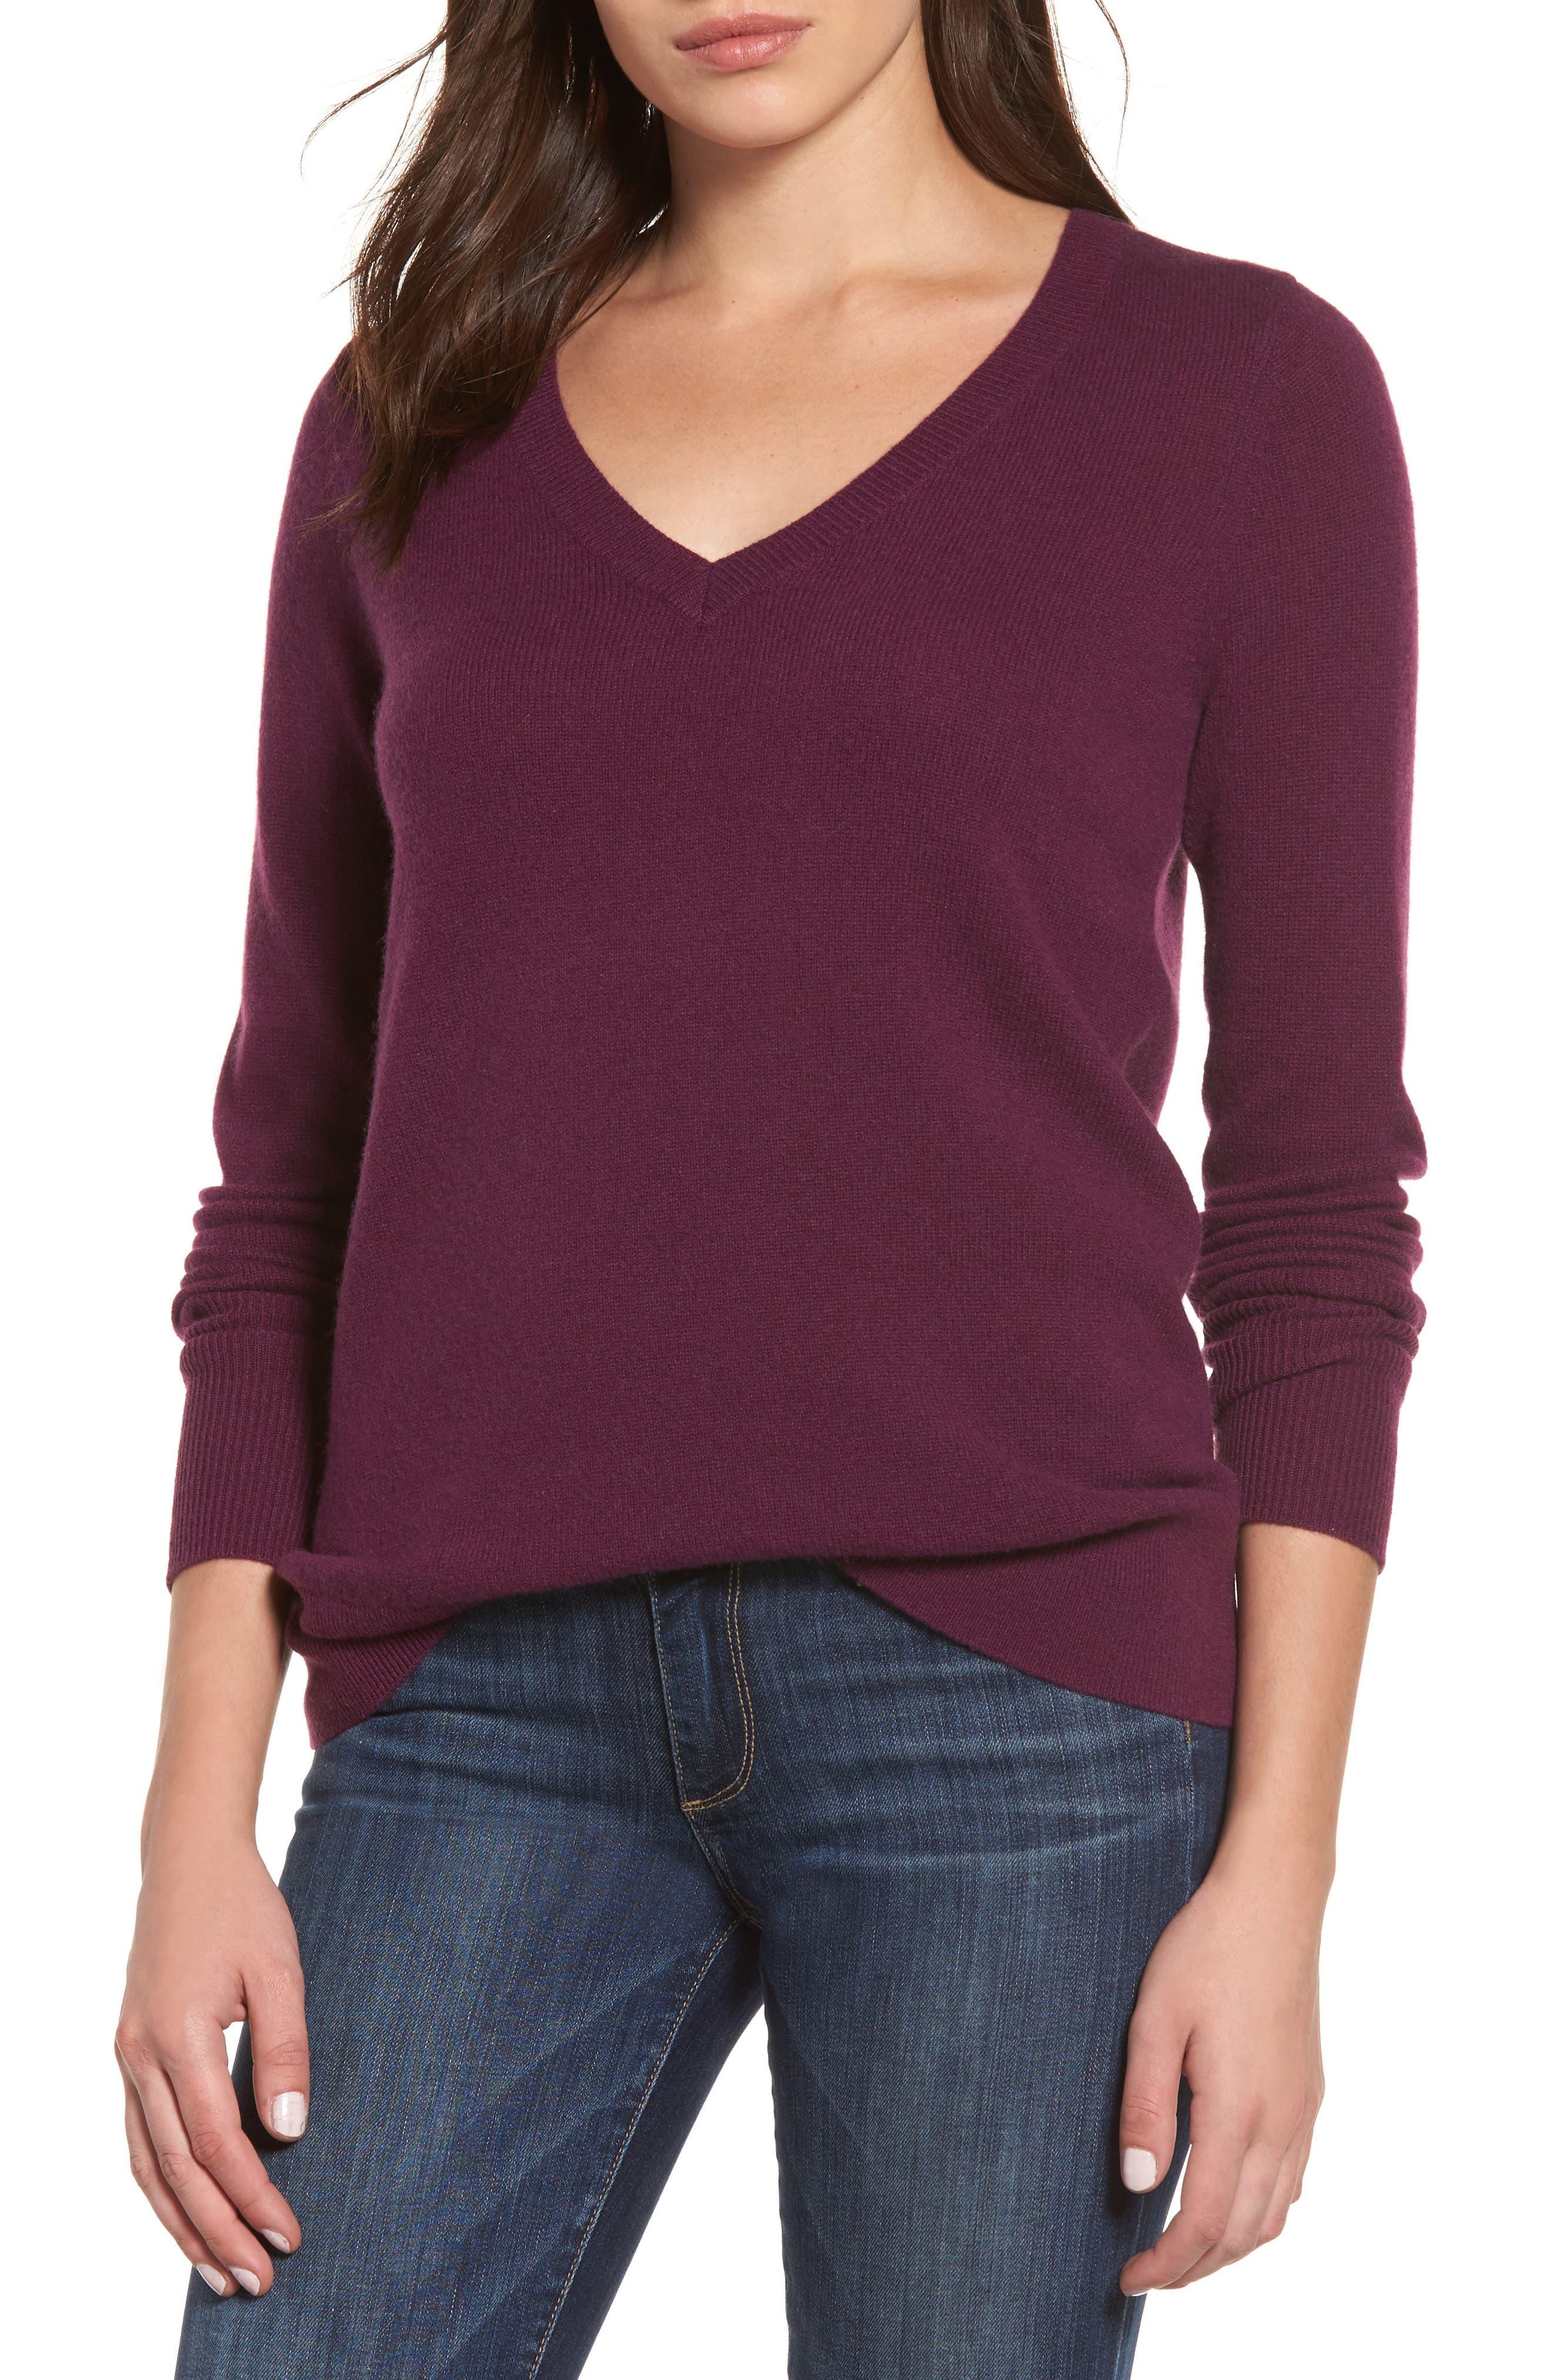 Alternate Image 1 Selected - Halogen® V-Neck Cashmere Sweater (Regular & Petite)